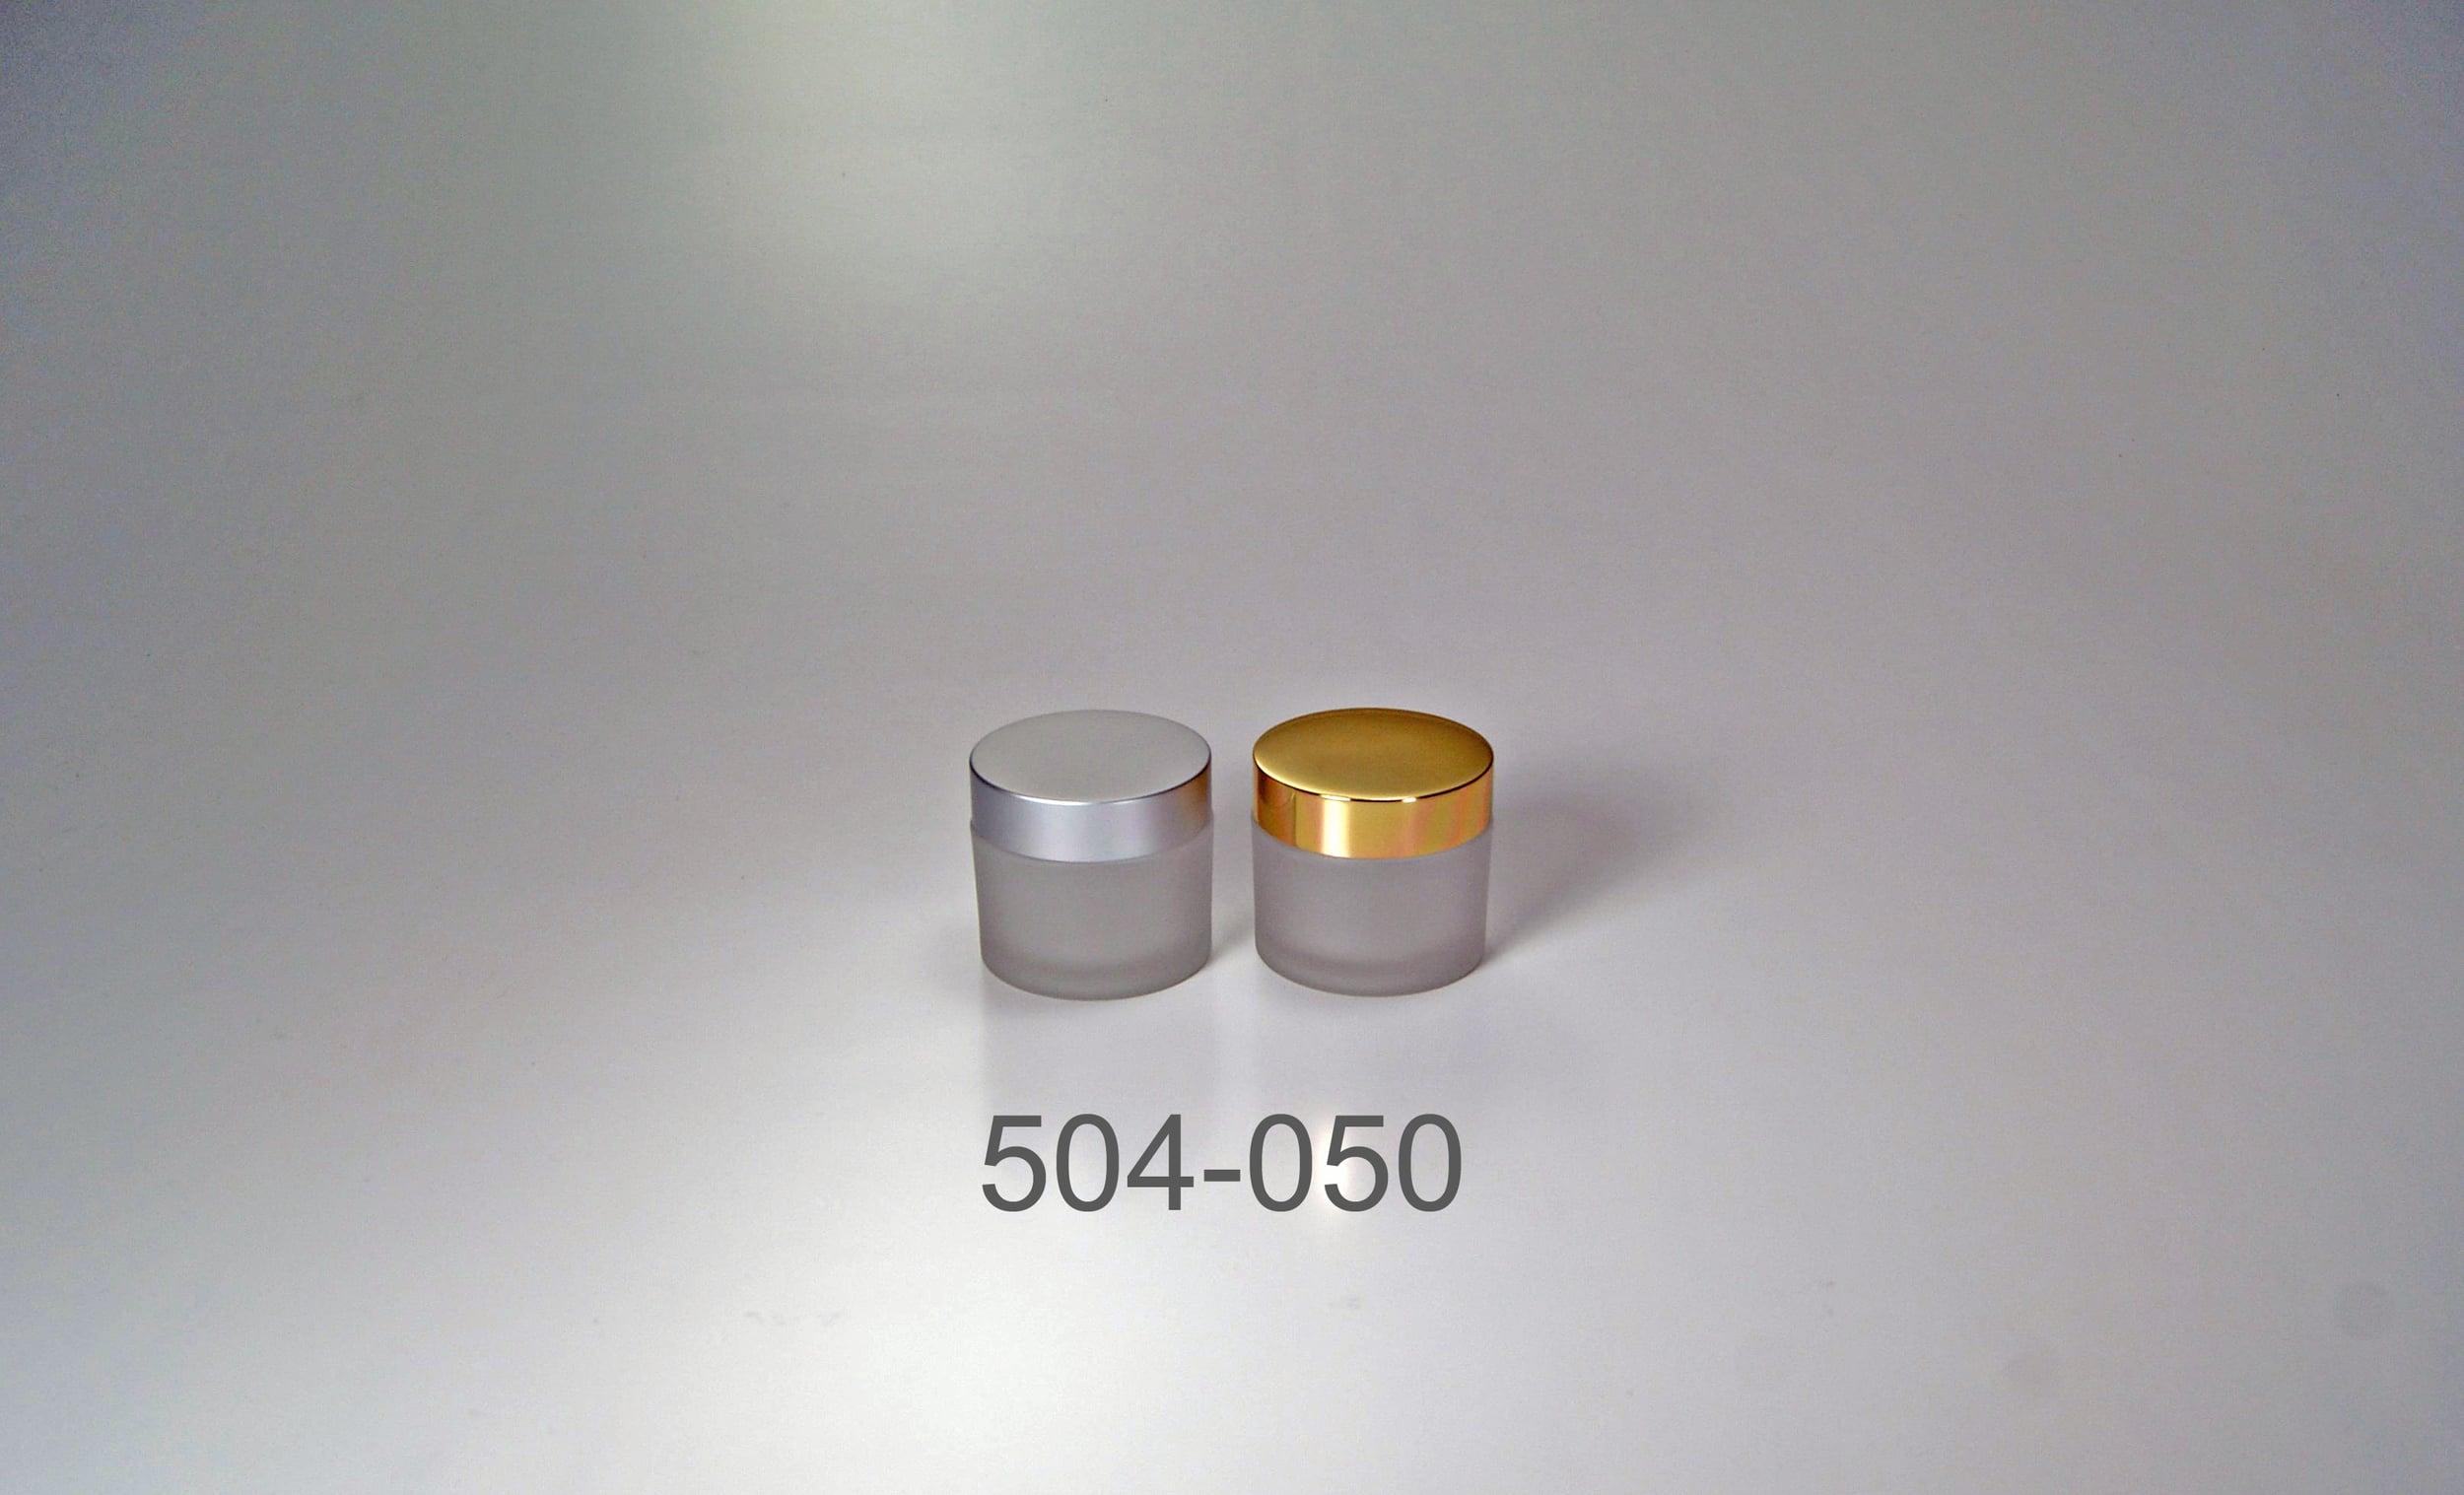 504-050.jpg